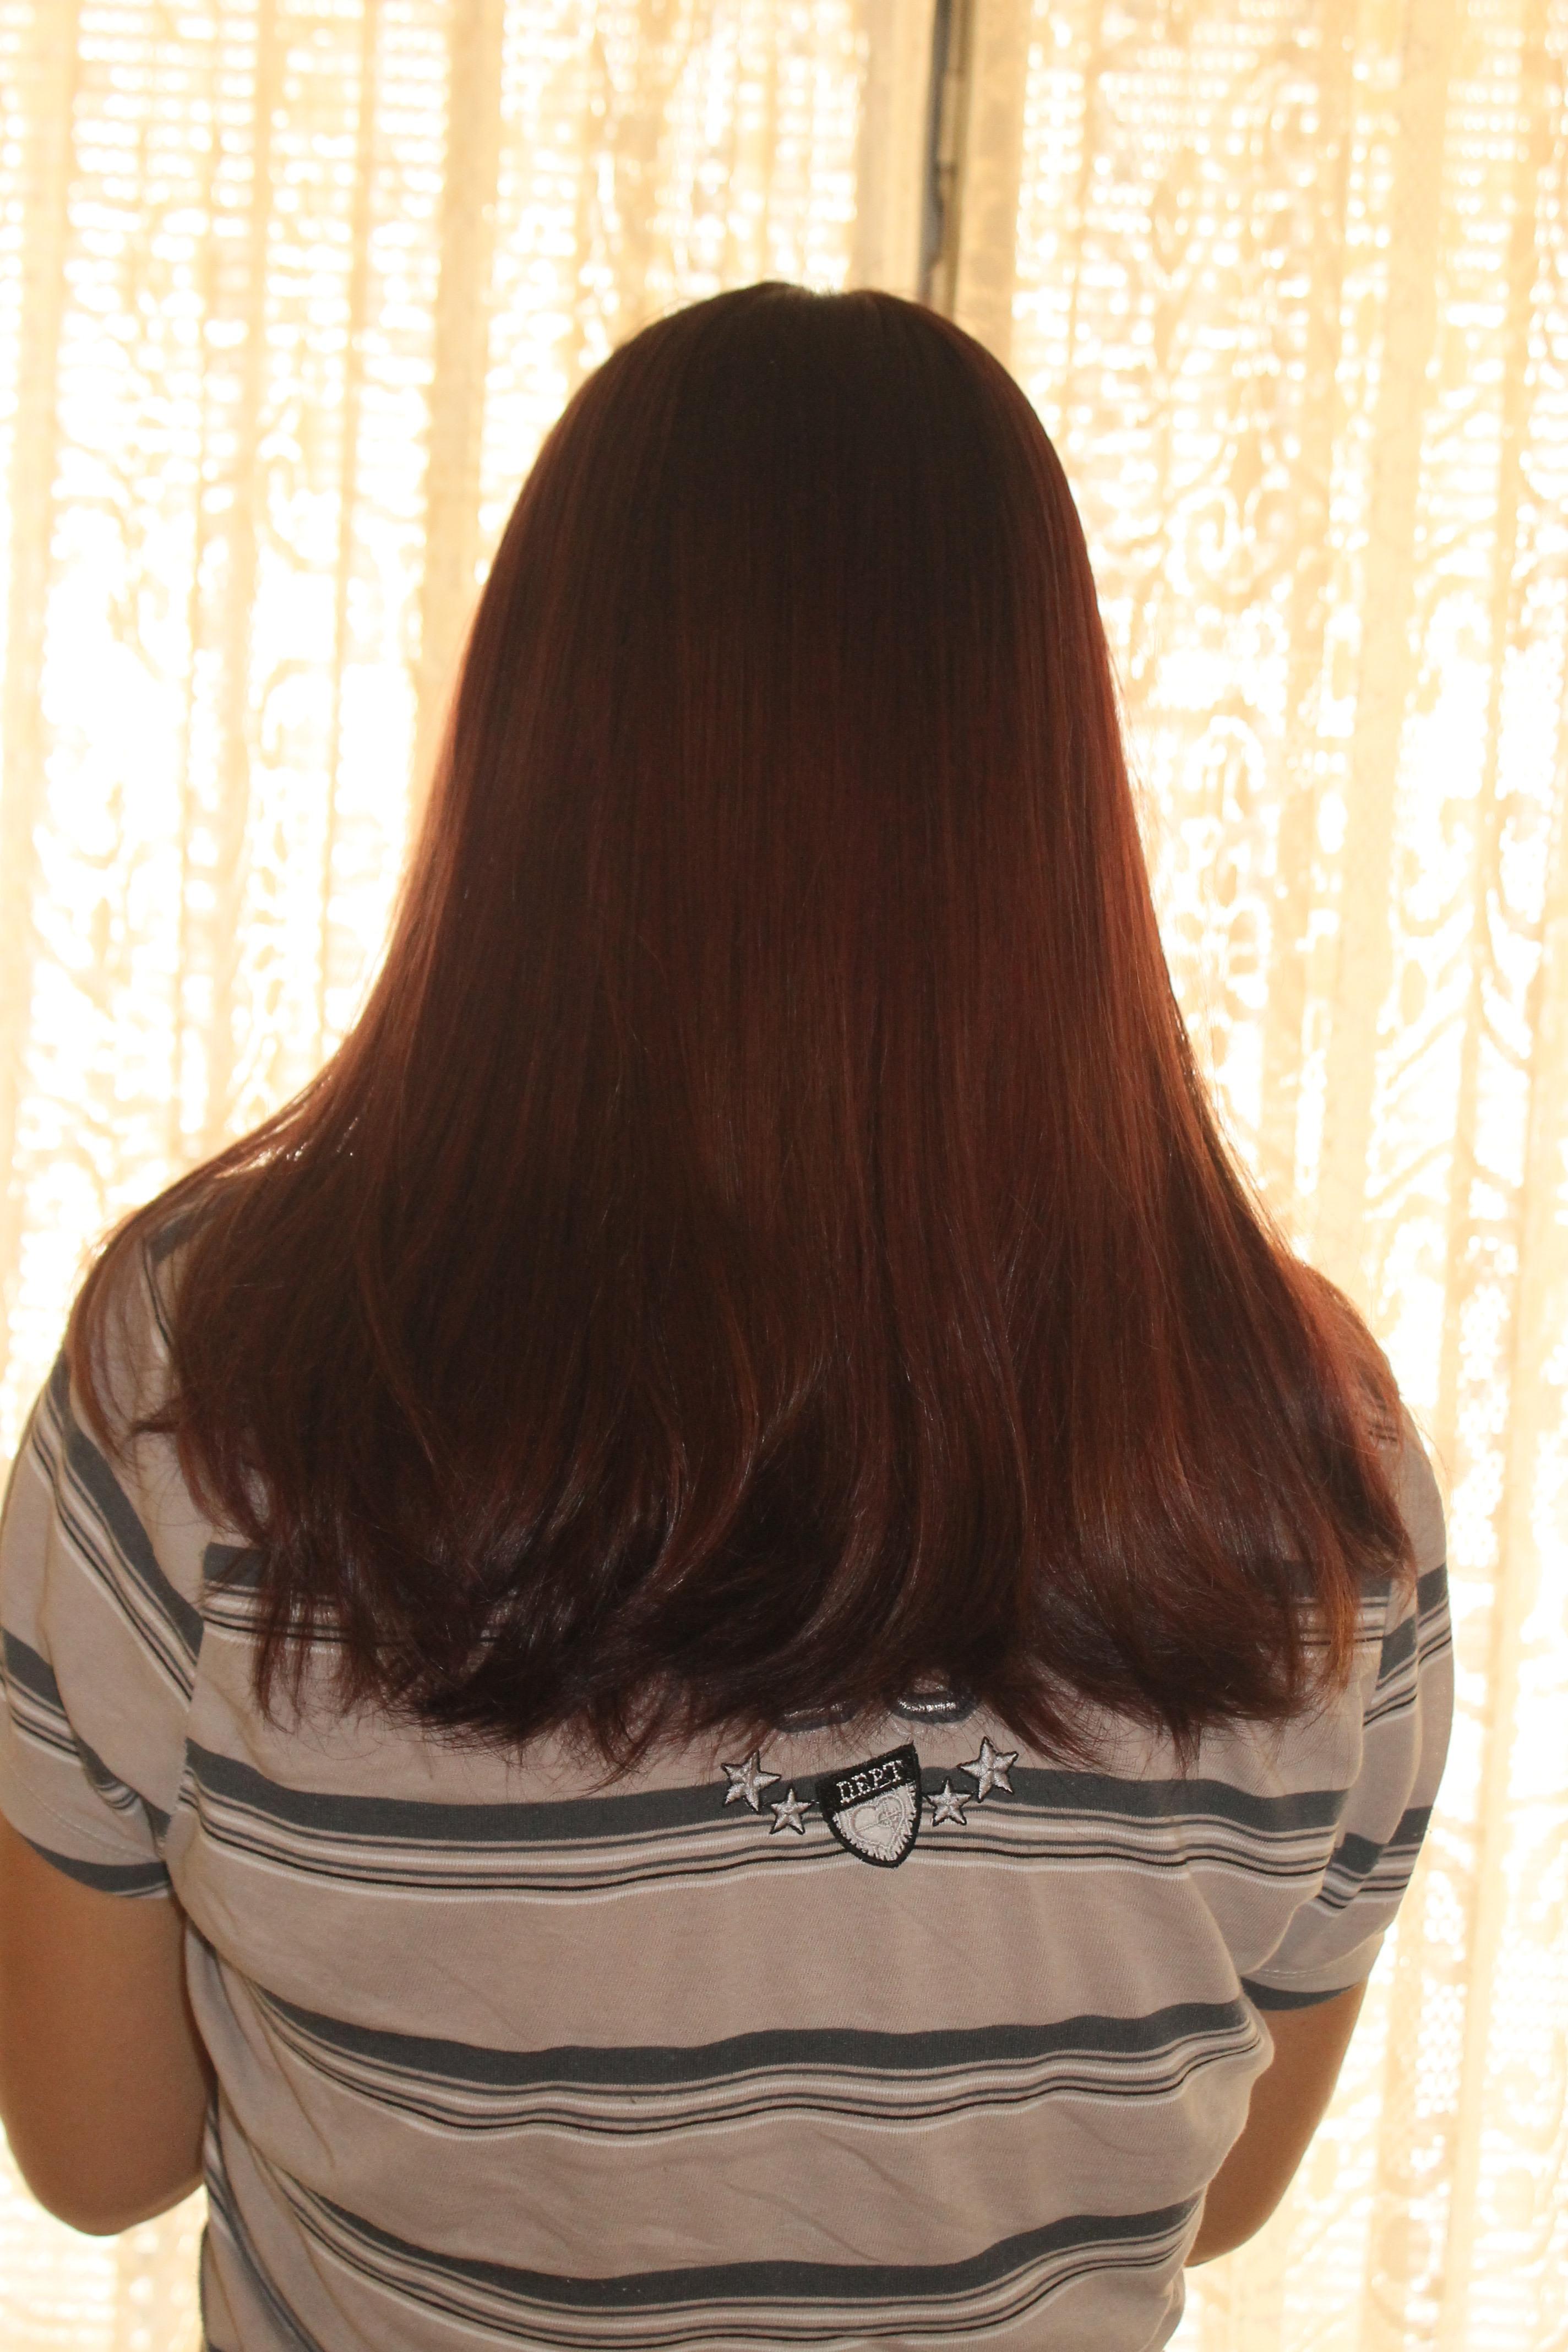 DE MECHA LOIRA PARA VERMELHO Cabelo castanho escuro com mechas loiras transformado em cabelo vermelho com nuancces mais claras cabeleireiro(a)